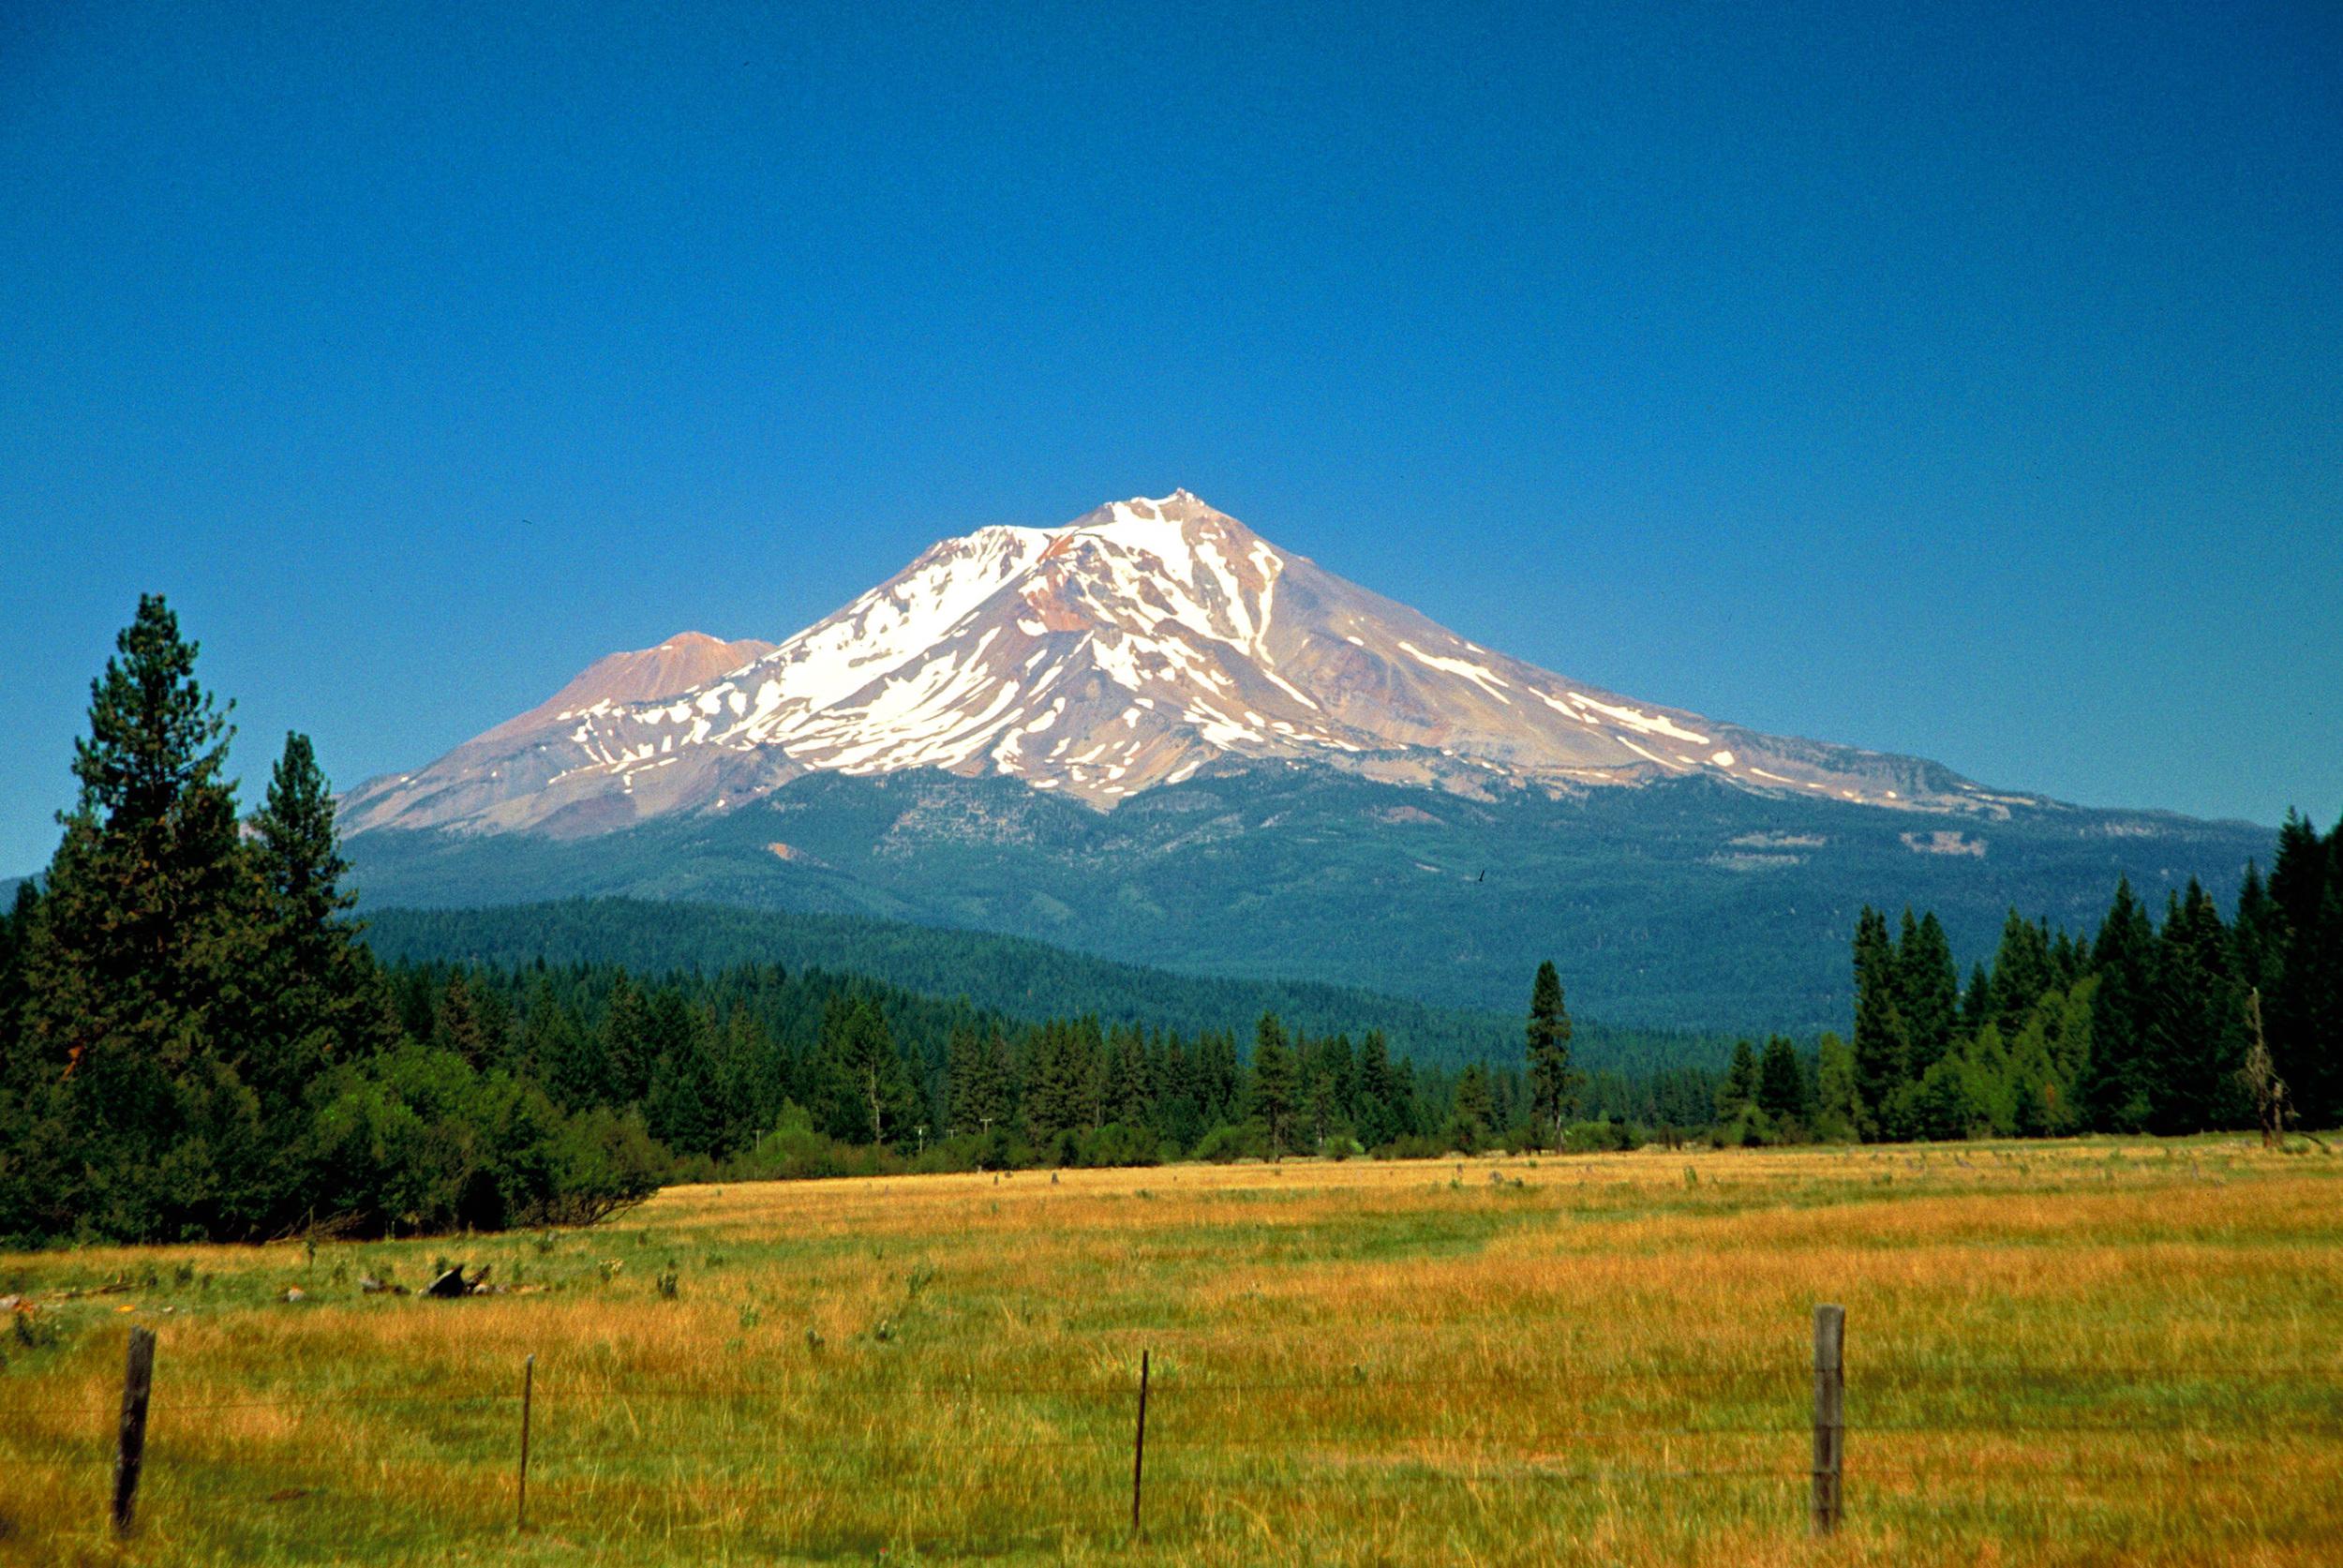 Mt Shasta - California